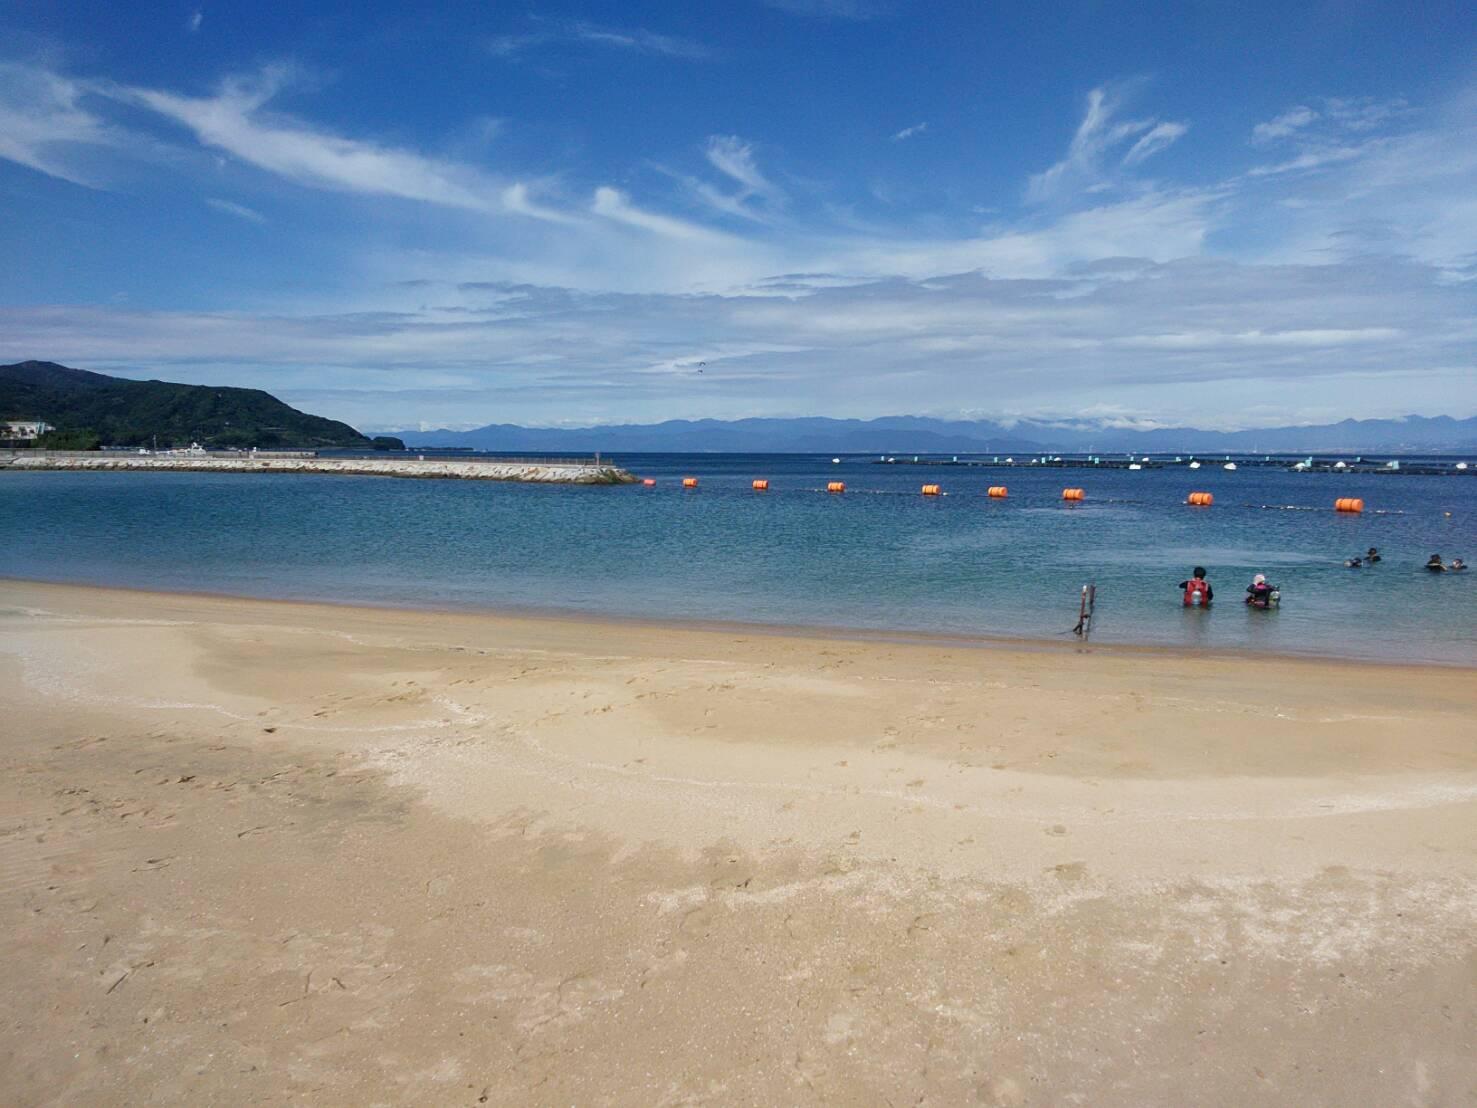 海が青くて最高でした〜(^^)♪